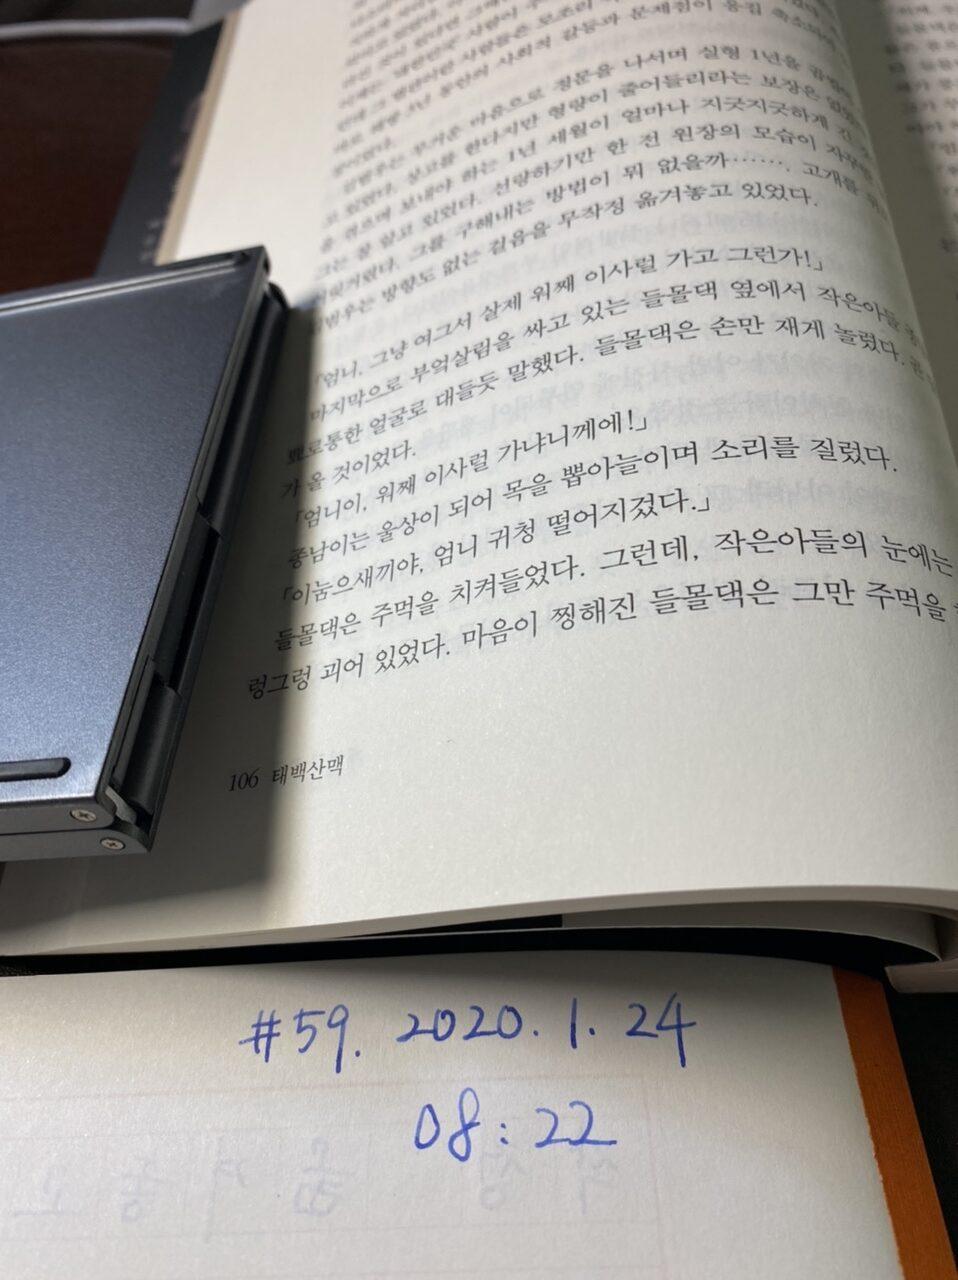 6210236B-A958-4CAE-860F-69D45C4A868F